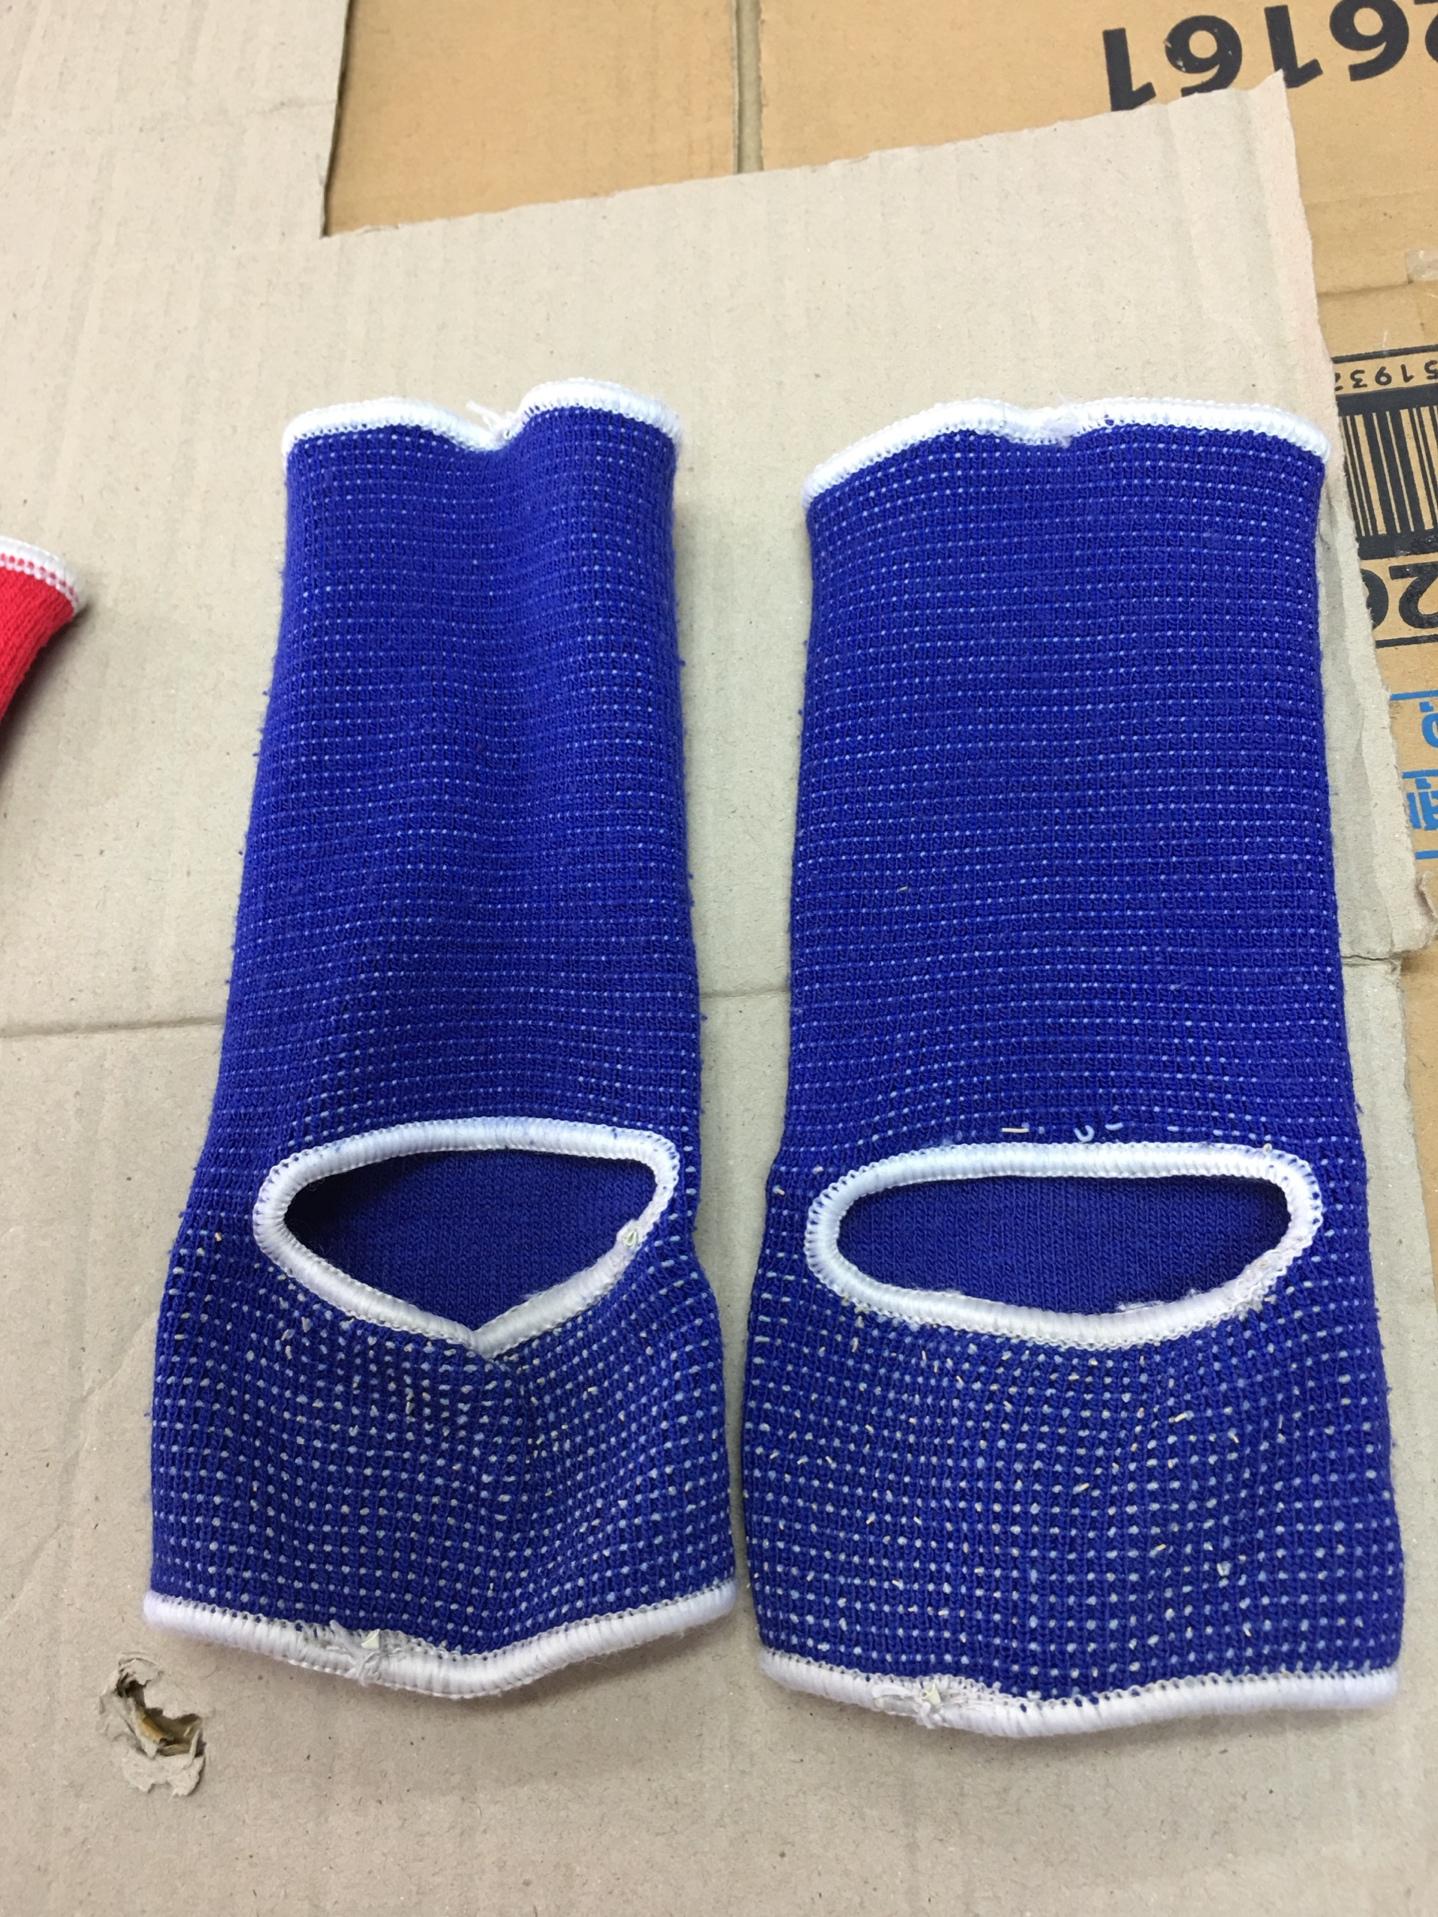 แองเกิลถุงเท้าป้องกันข้อเท้าสำหรับเด็กฝึกกีฬา มือสอง